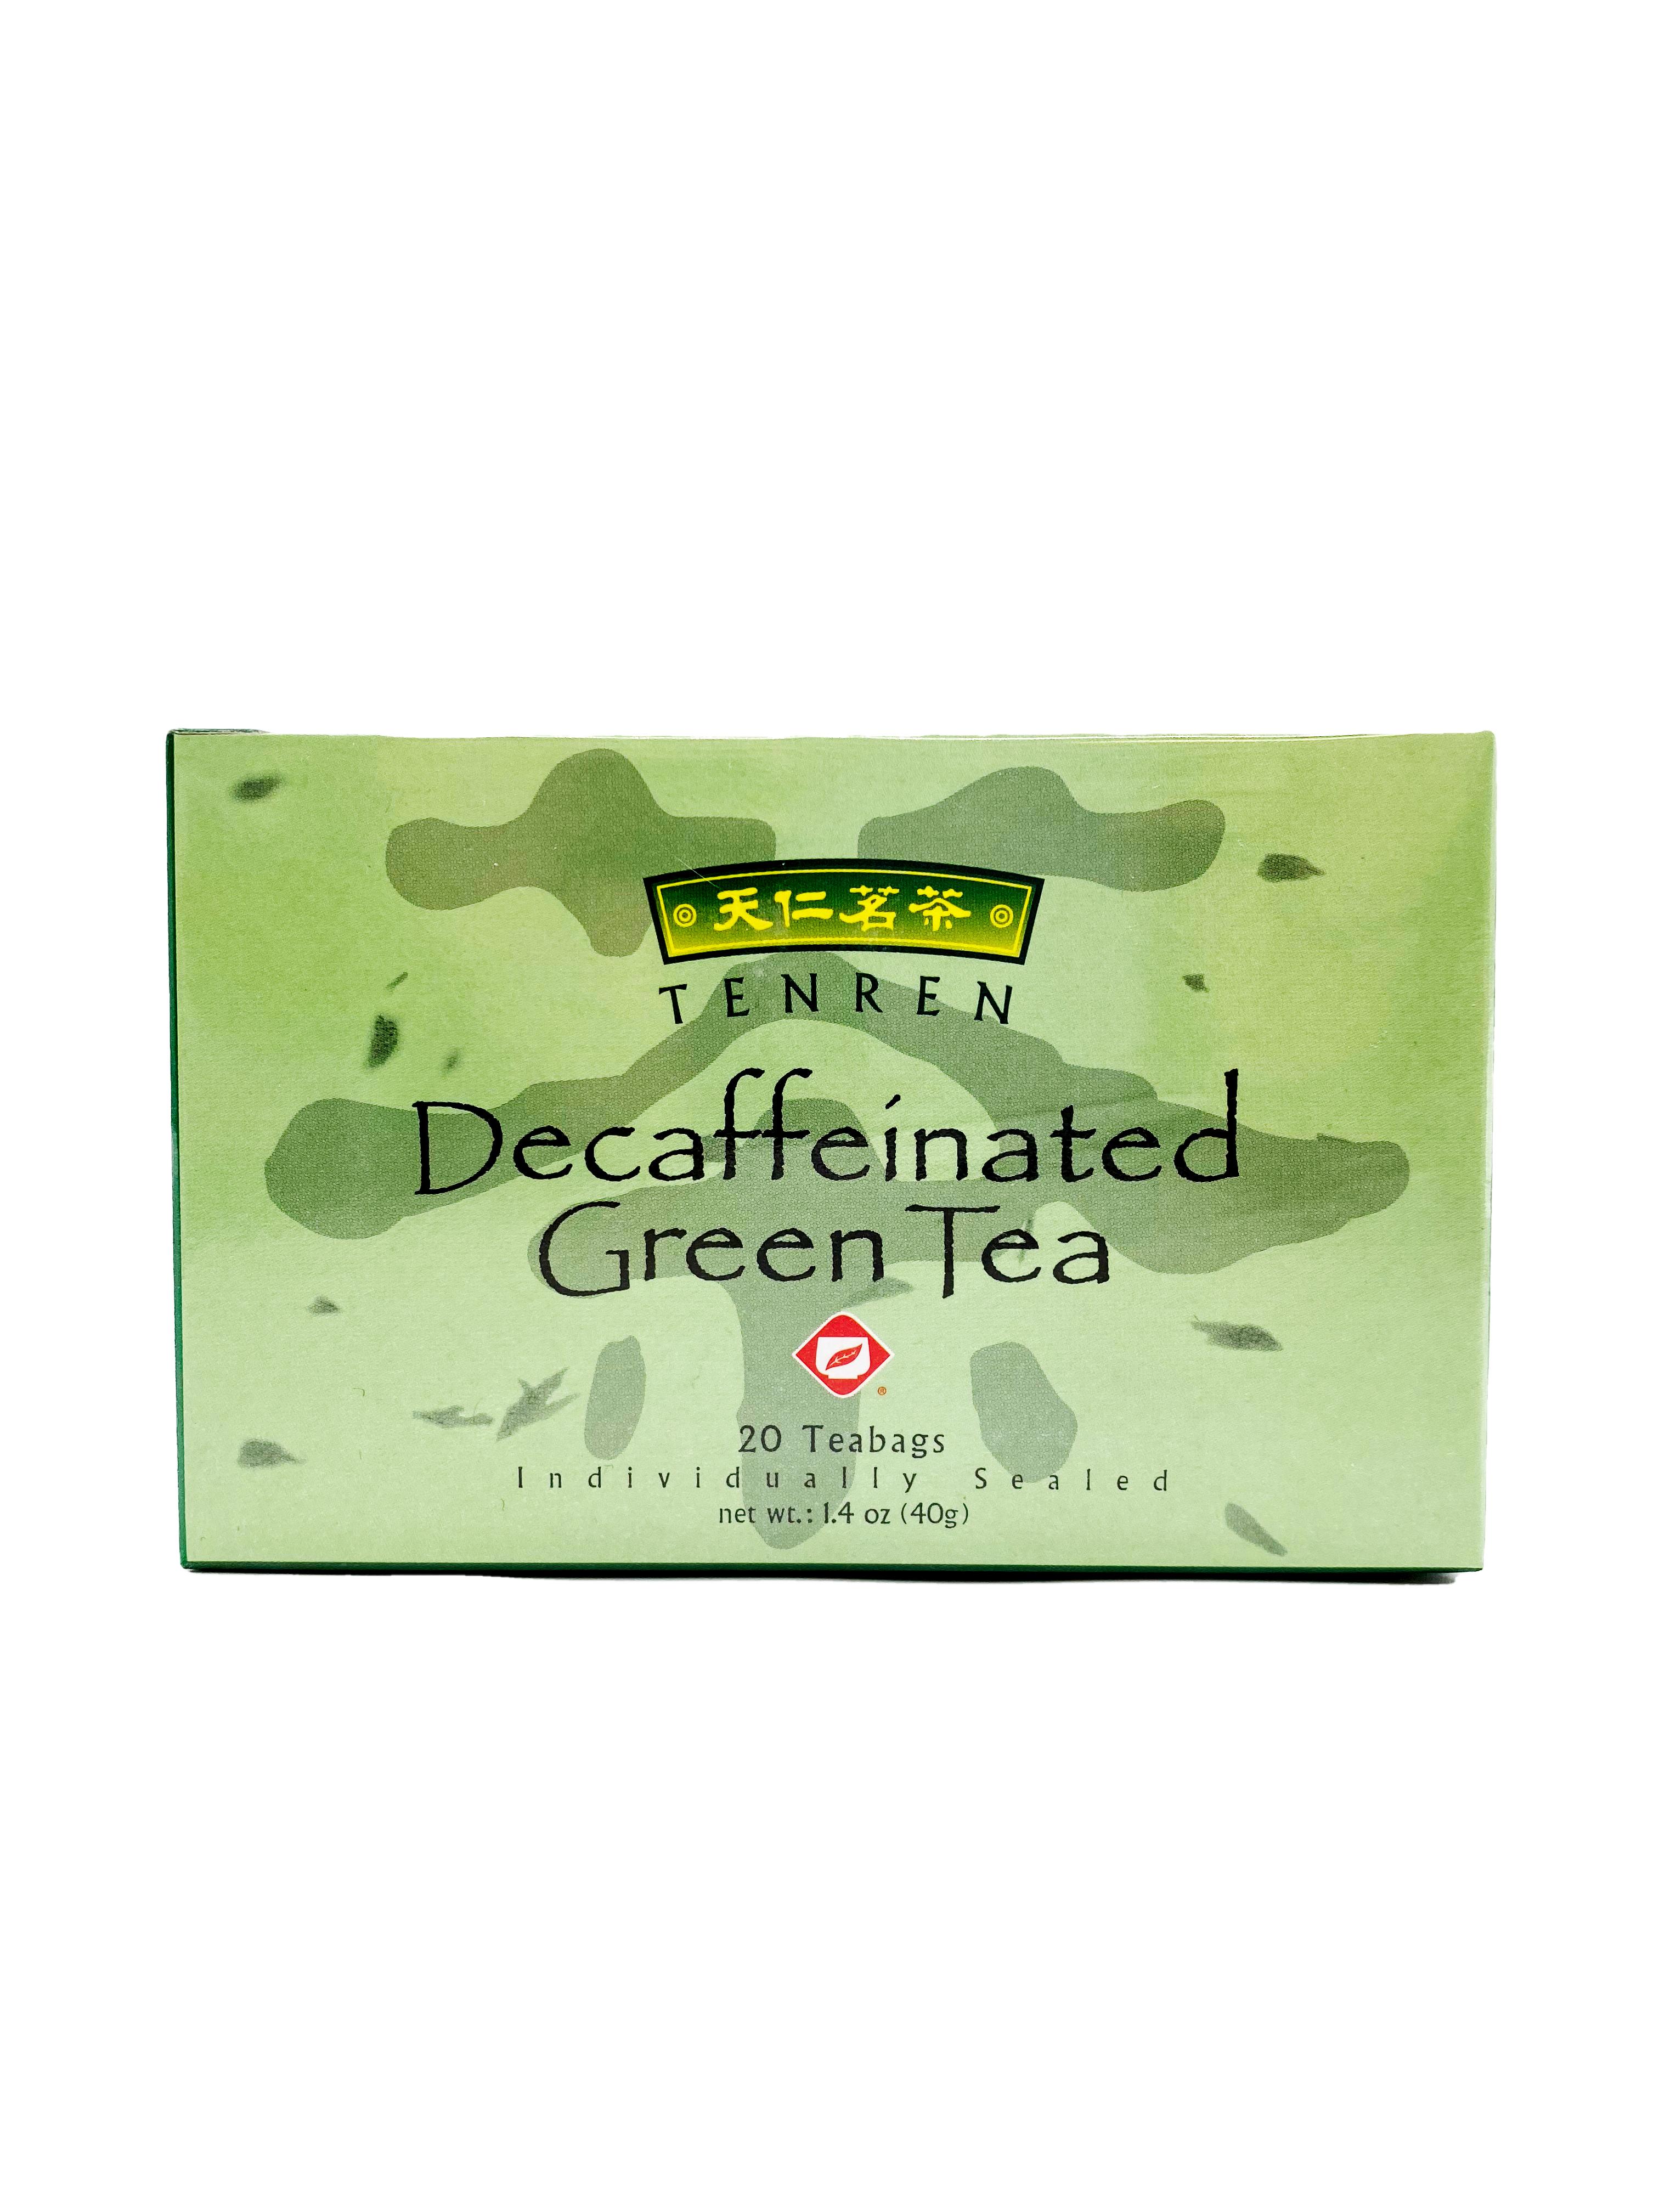 medium tenren decaffeinated green tea 14 oz KlqOTY9ut